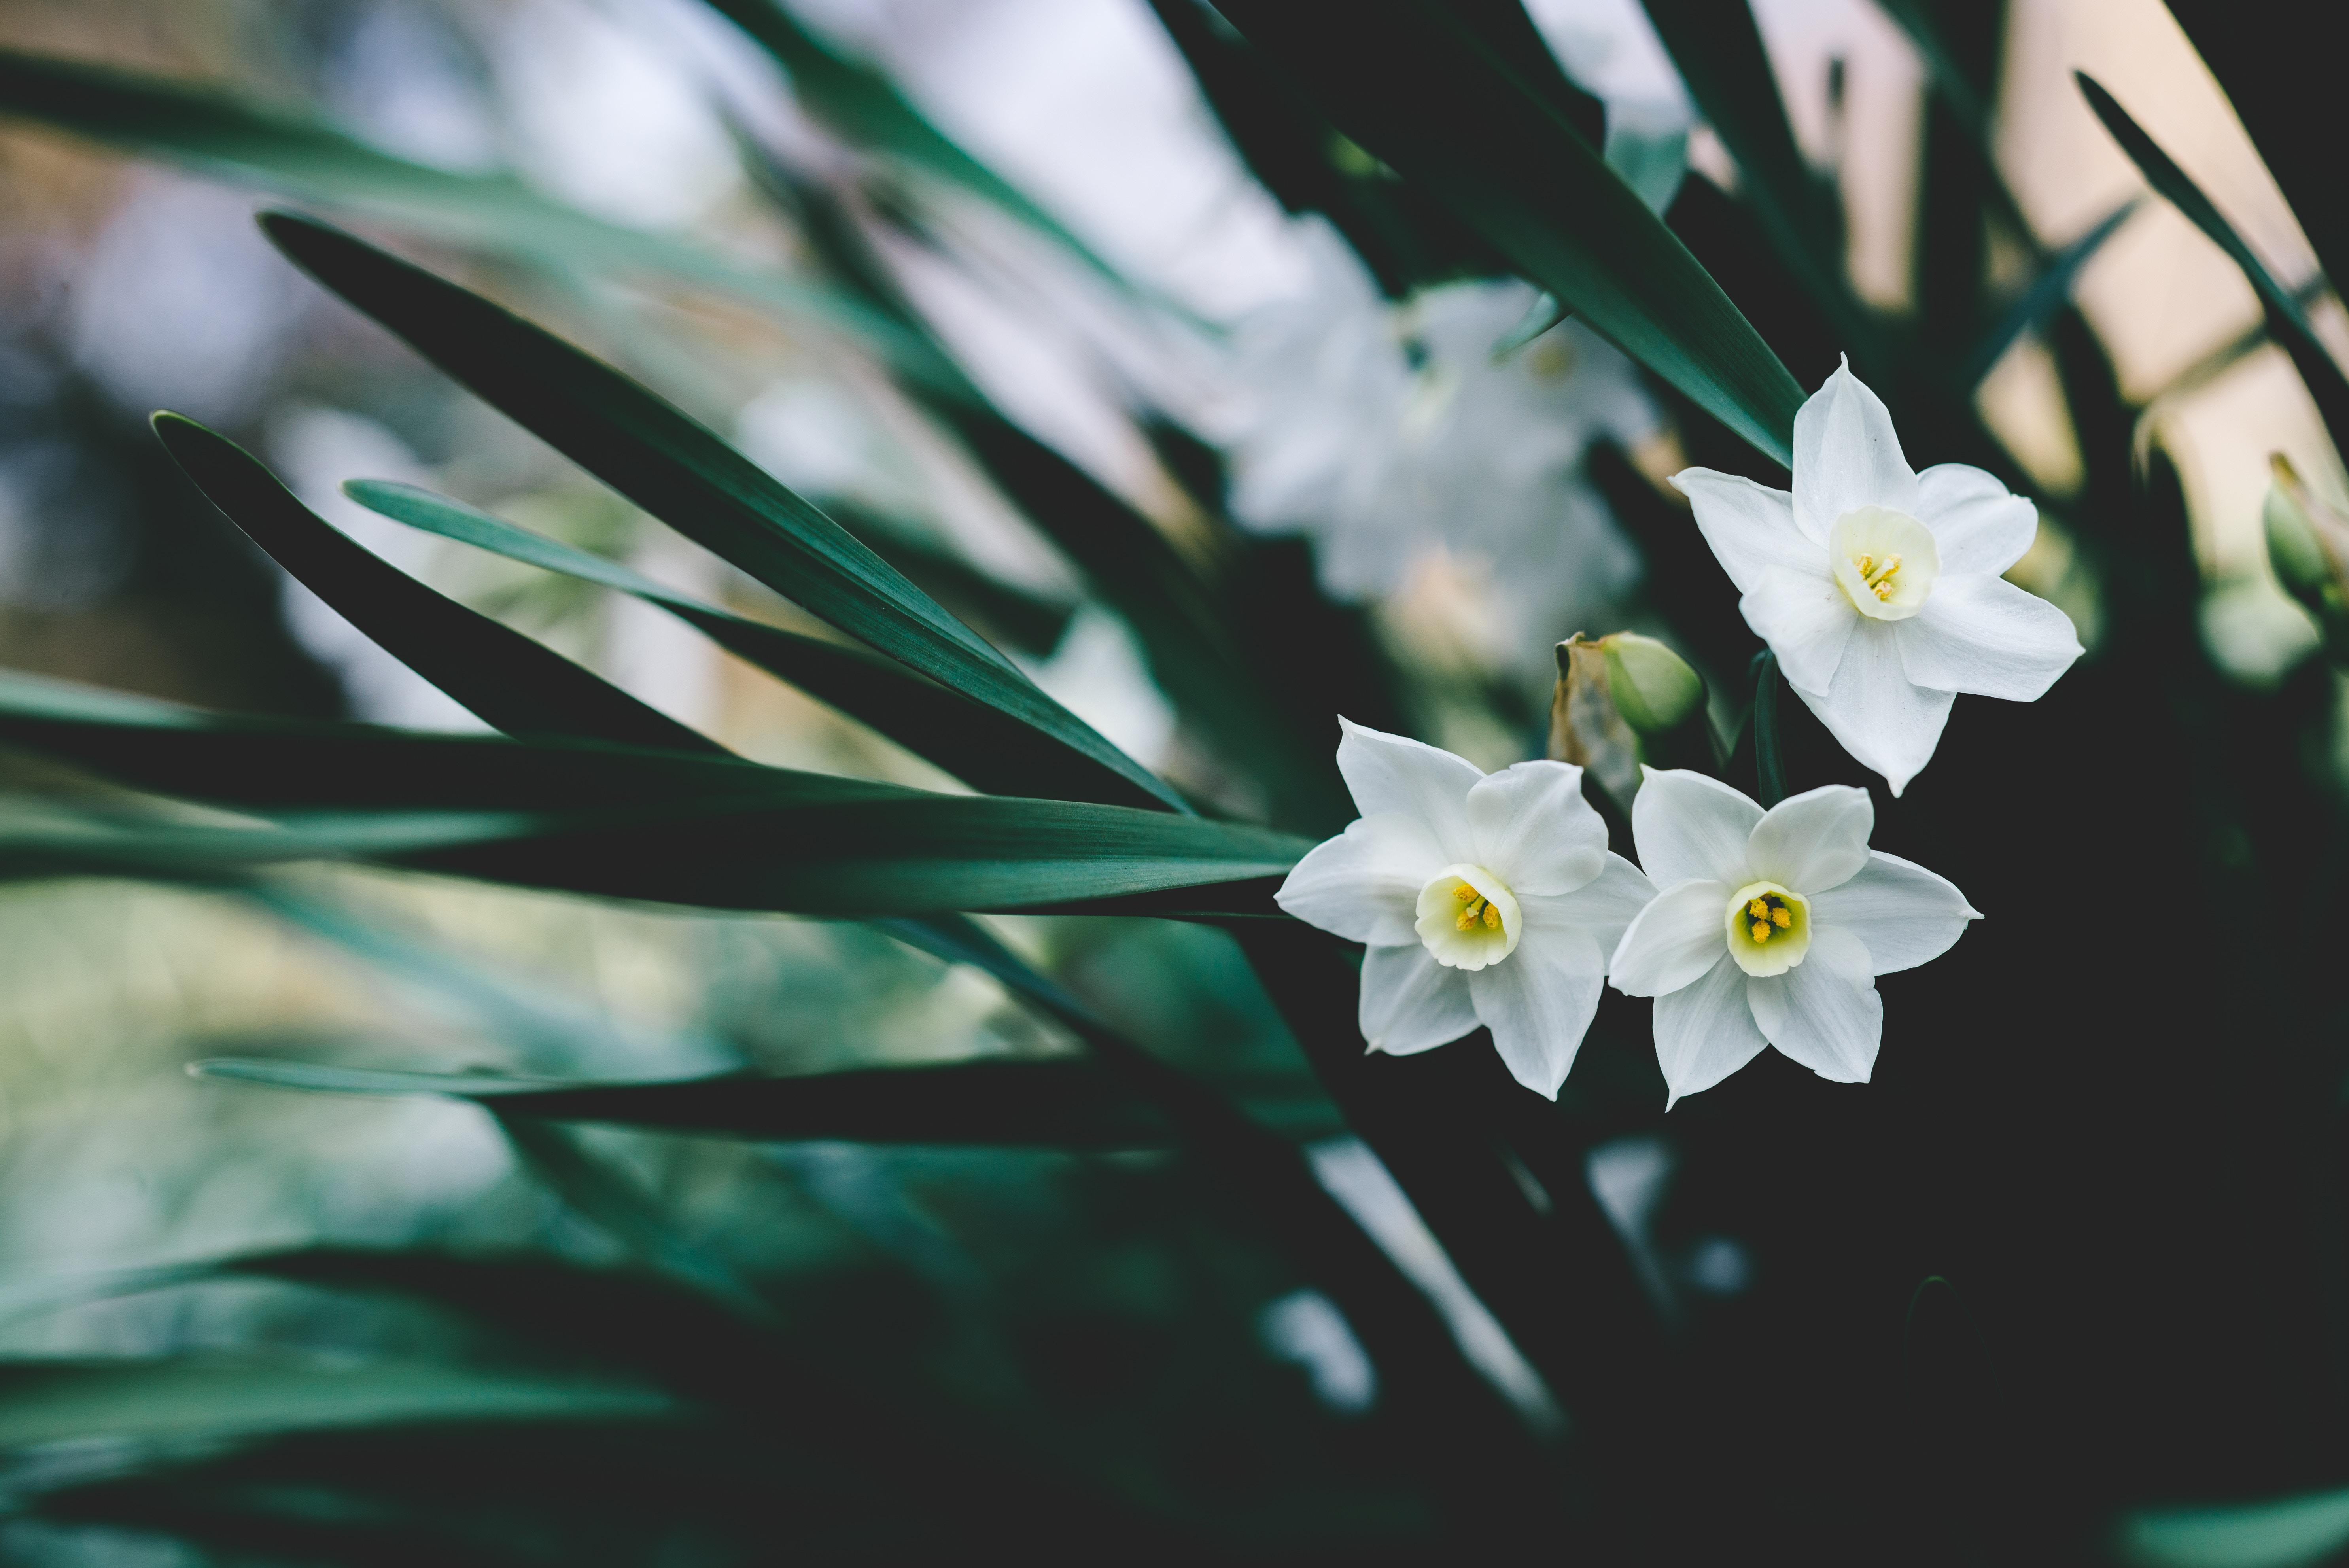 77038 Заставки и Обои Нарциссы на телефон. Скачать Цветы, Нарциссы, Размытость, Белый картинки бесплатно